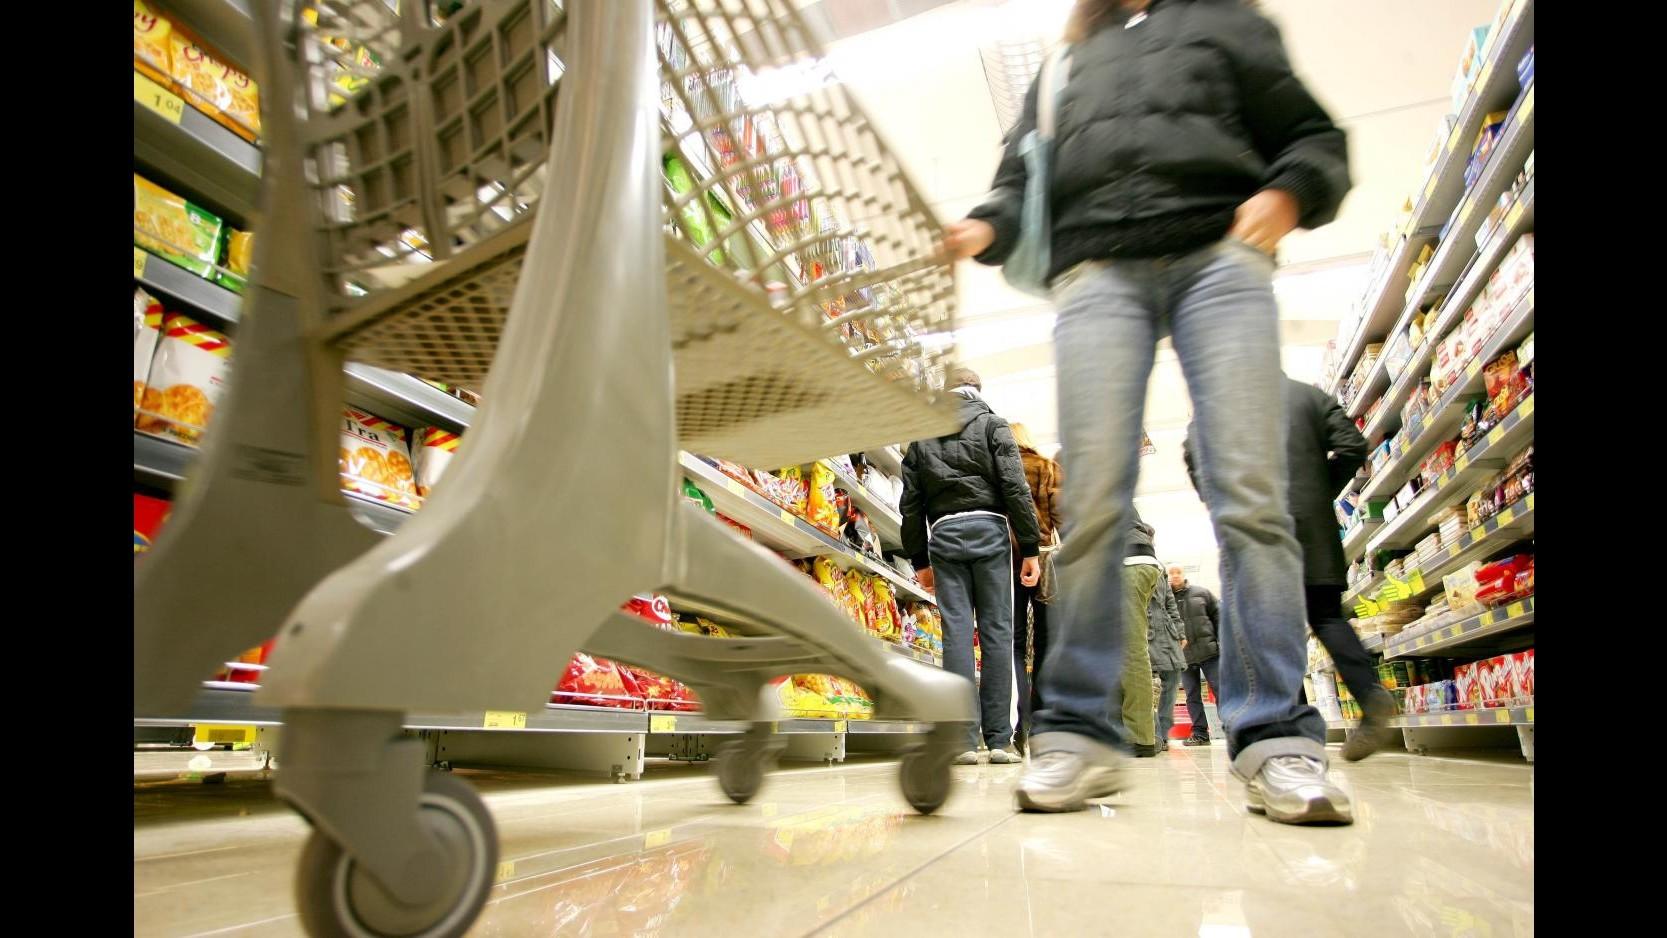 Istat: Indice fiducia consumatori novembre sale a 118.4 punti